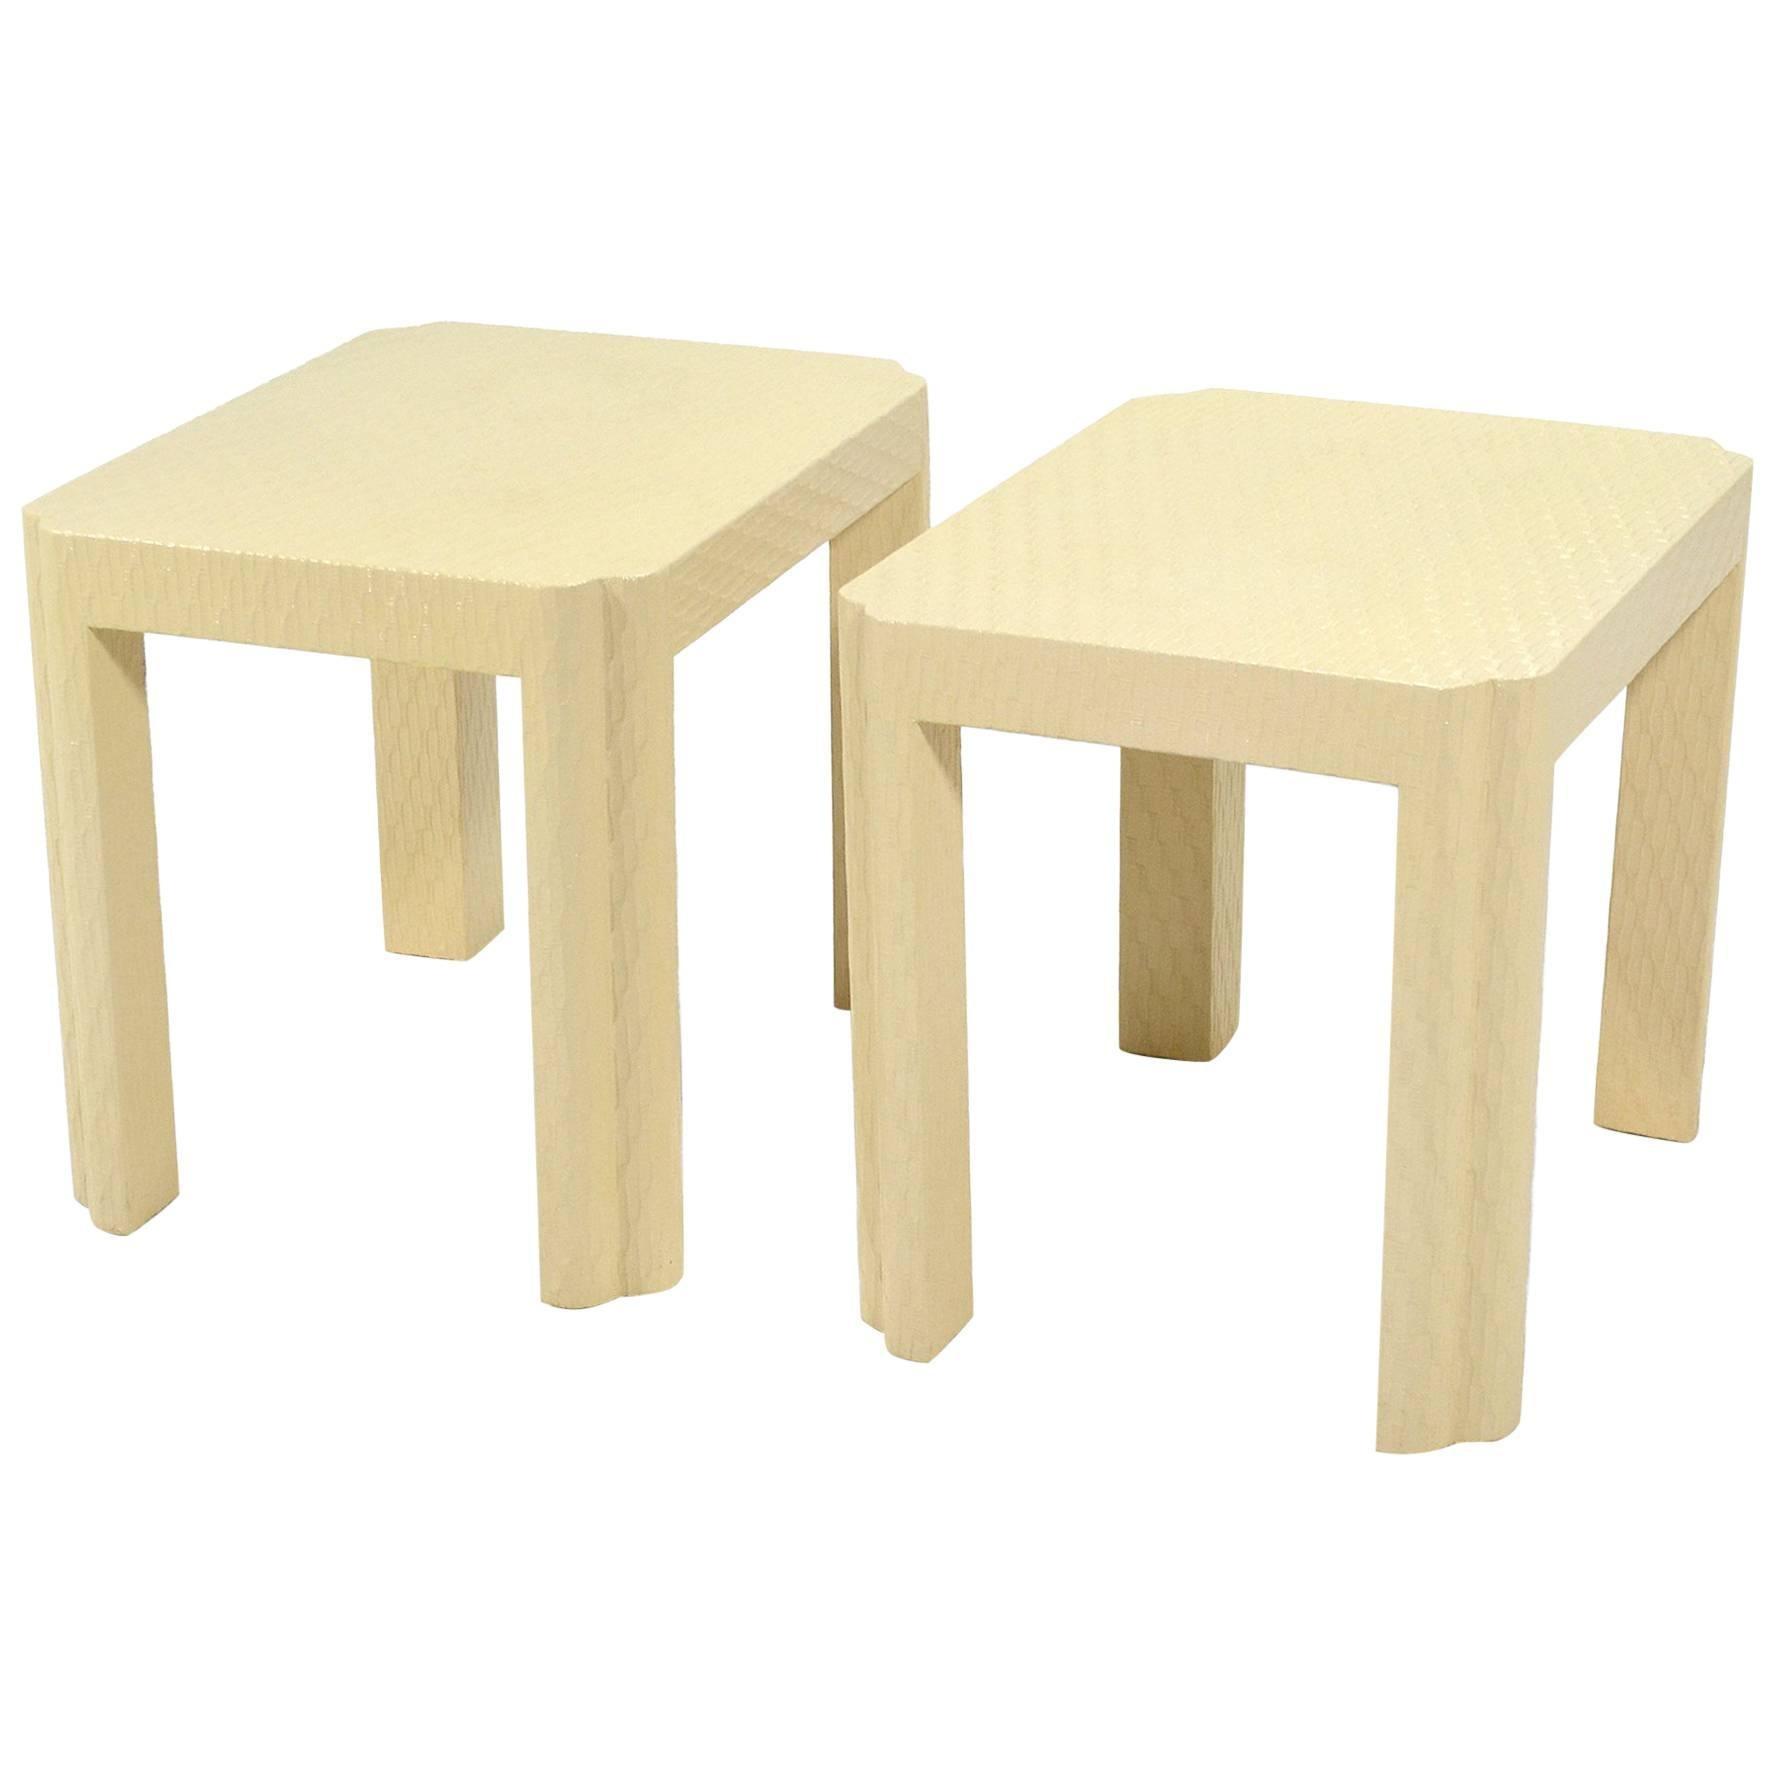 Karl Springer Style End Tables